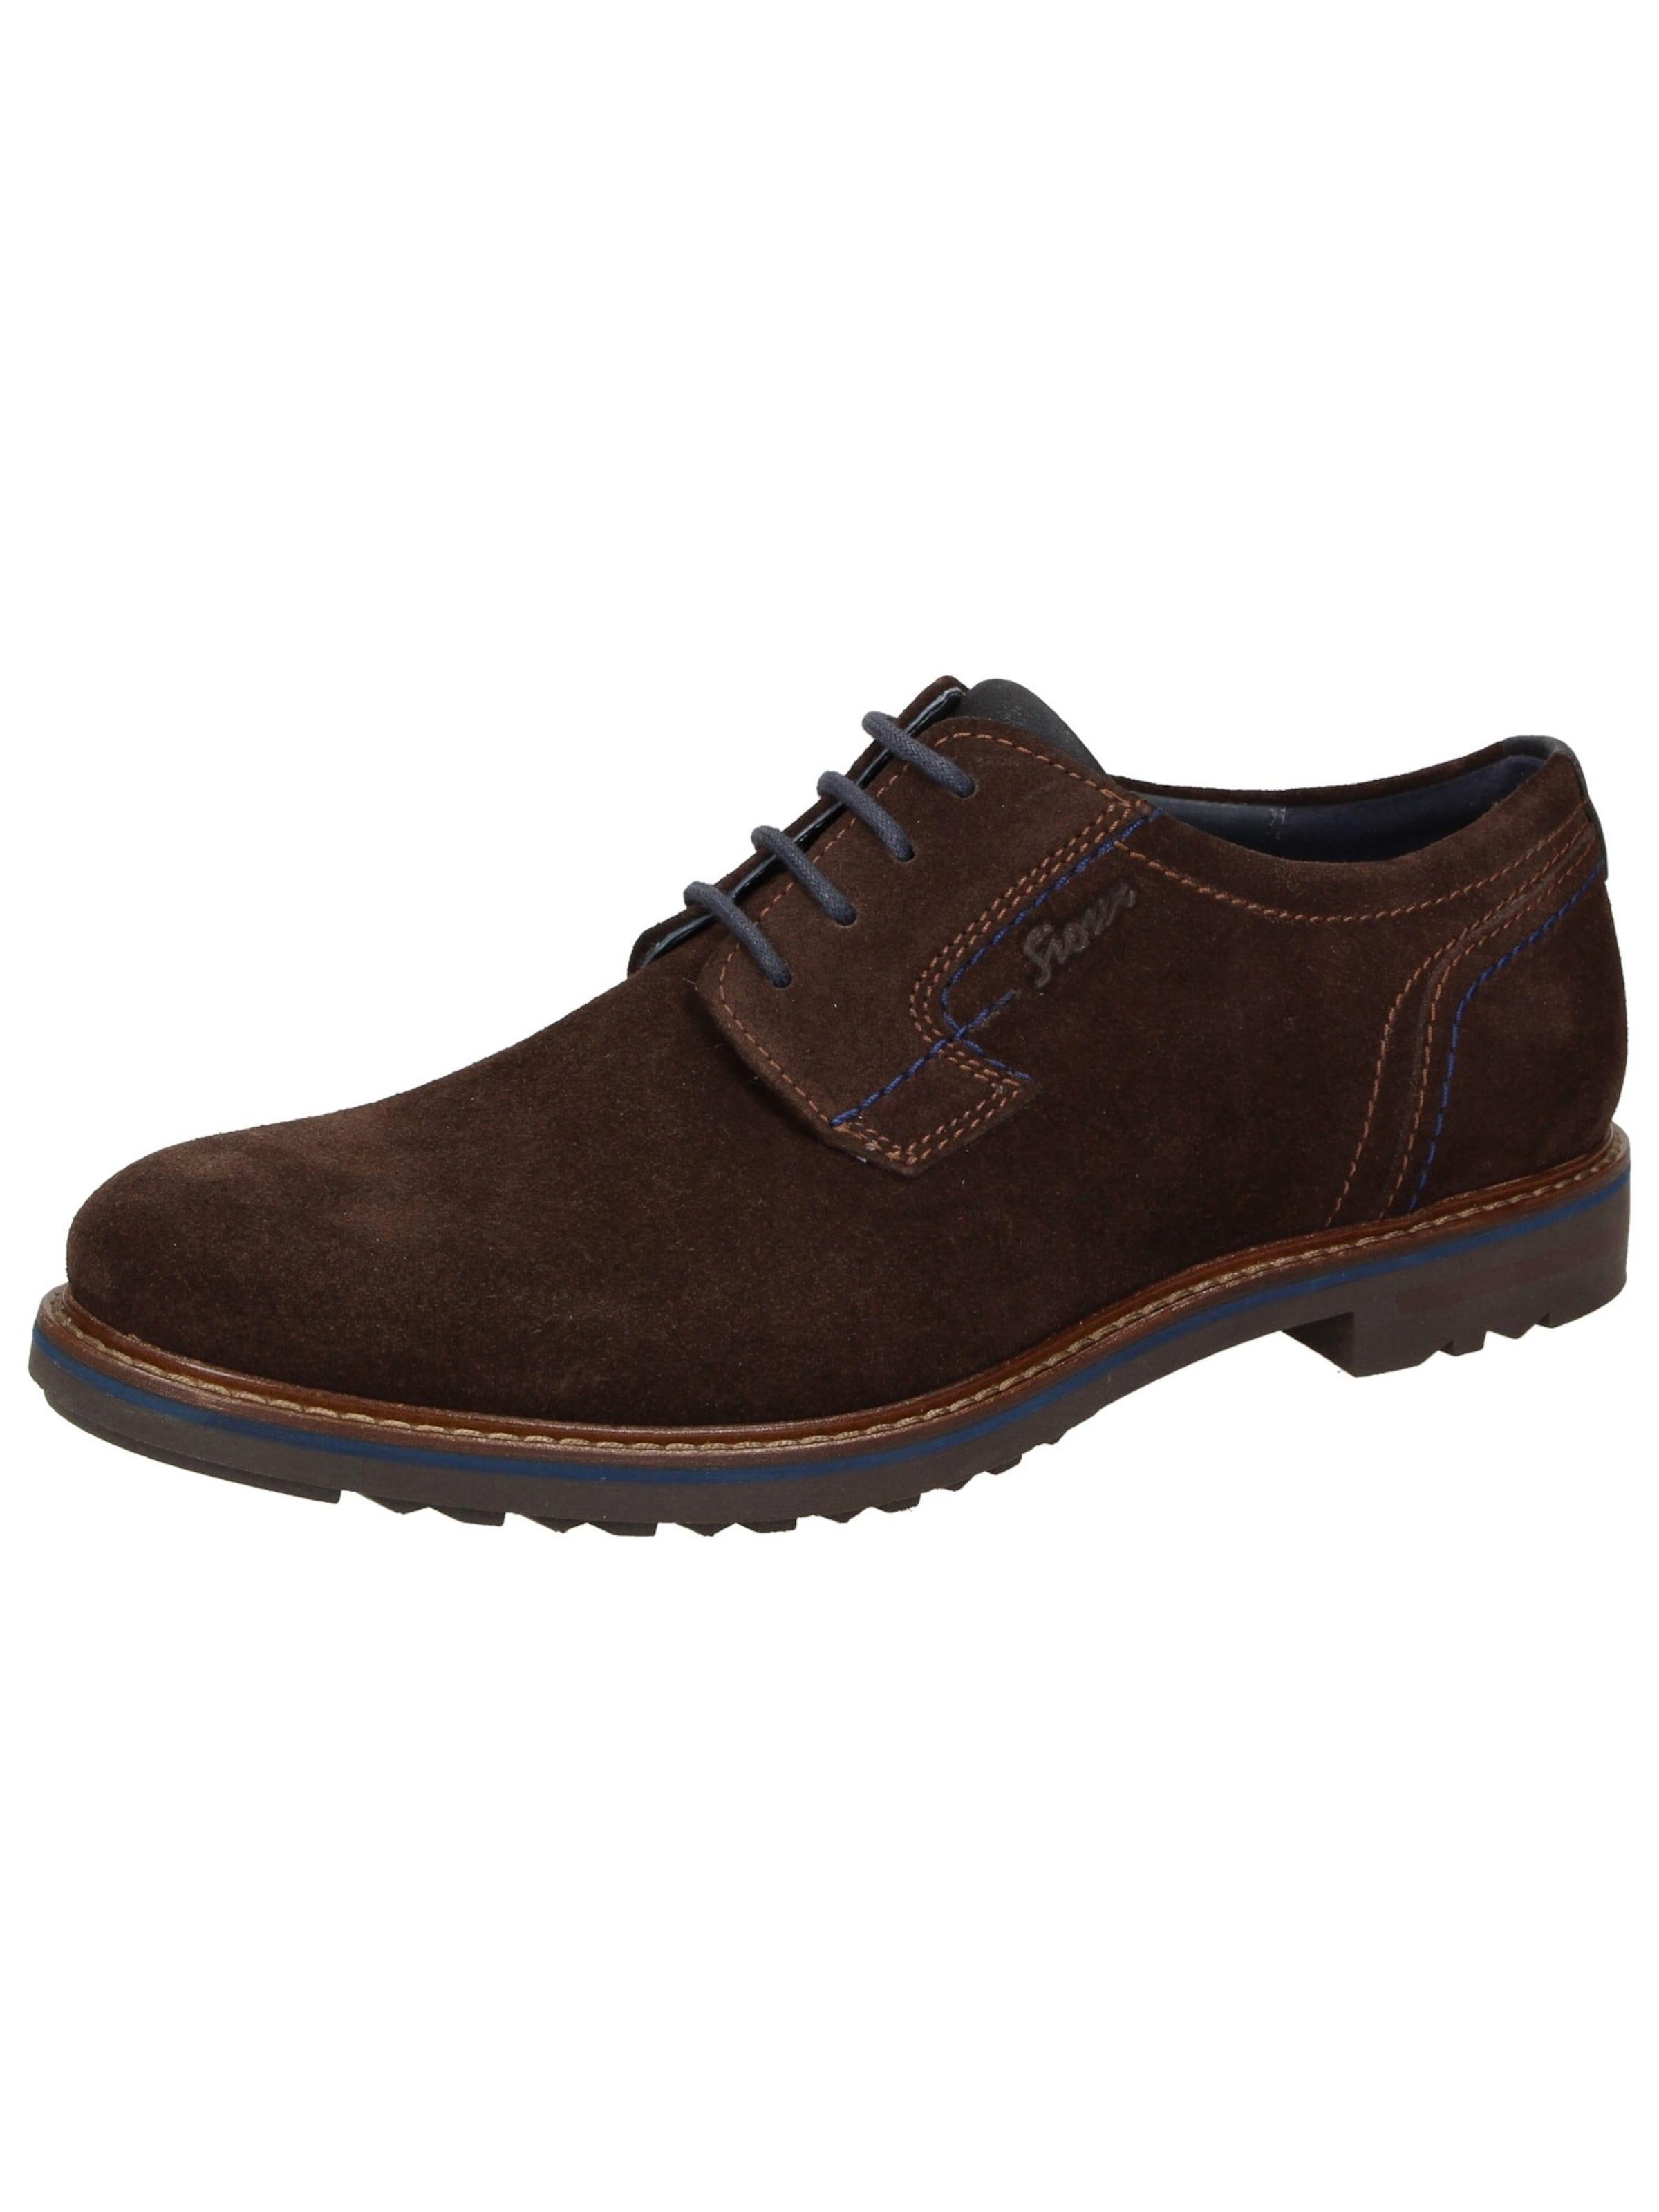 Haltbare Mode Schuhe billige Schuhe SIOUX | Schnürschuh 'Envito' Schuhe Mode Gut getragene Schuhe d8e0e7